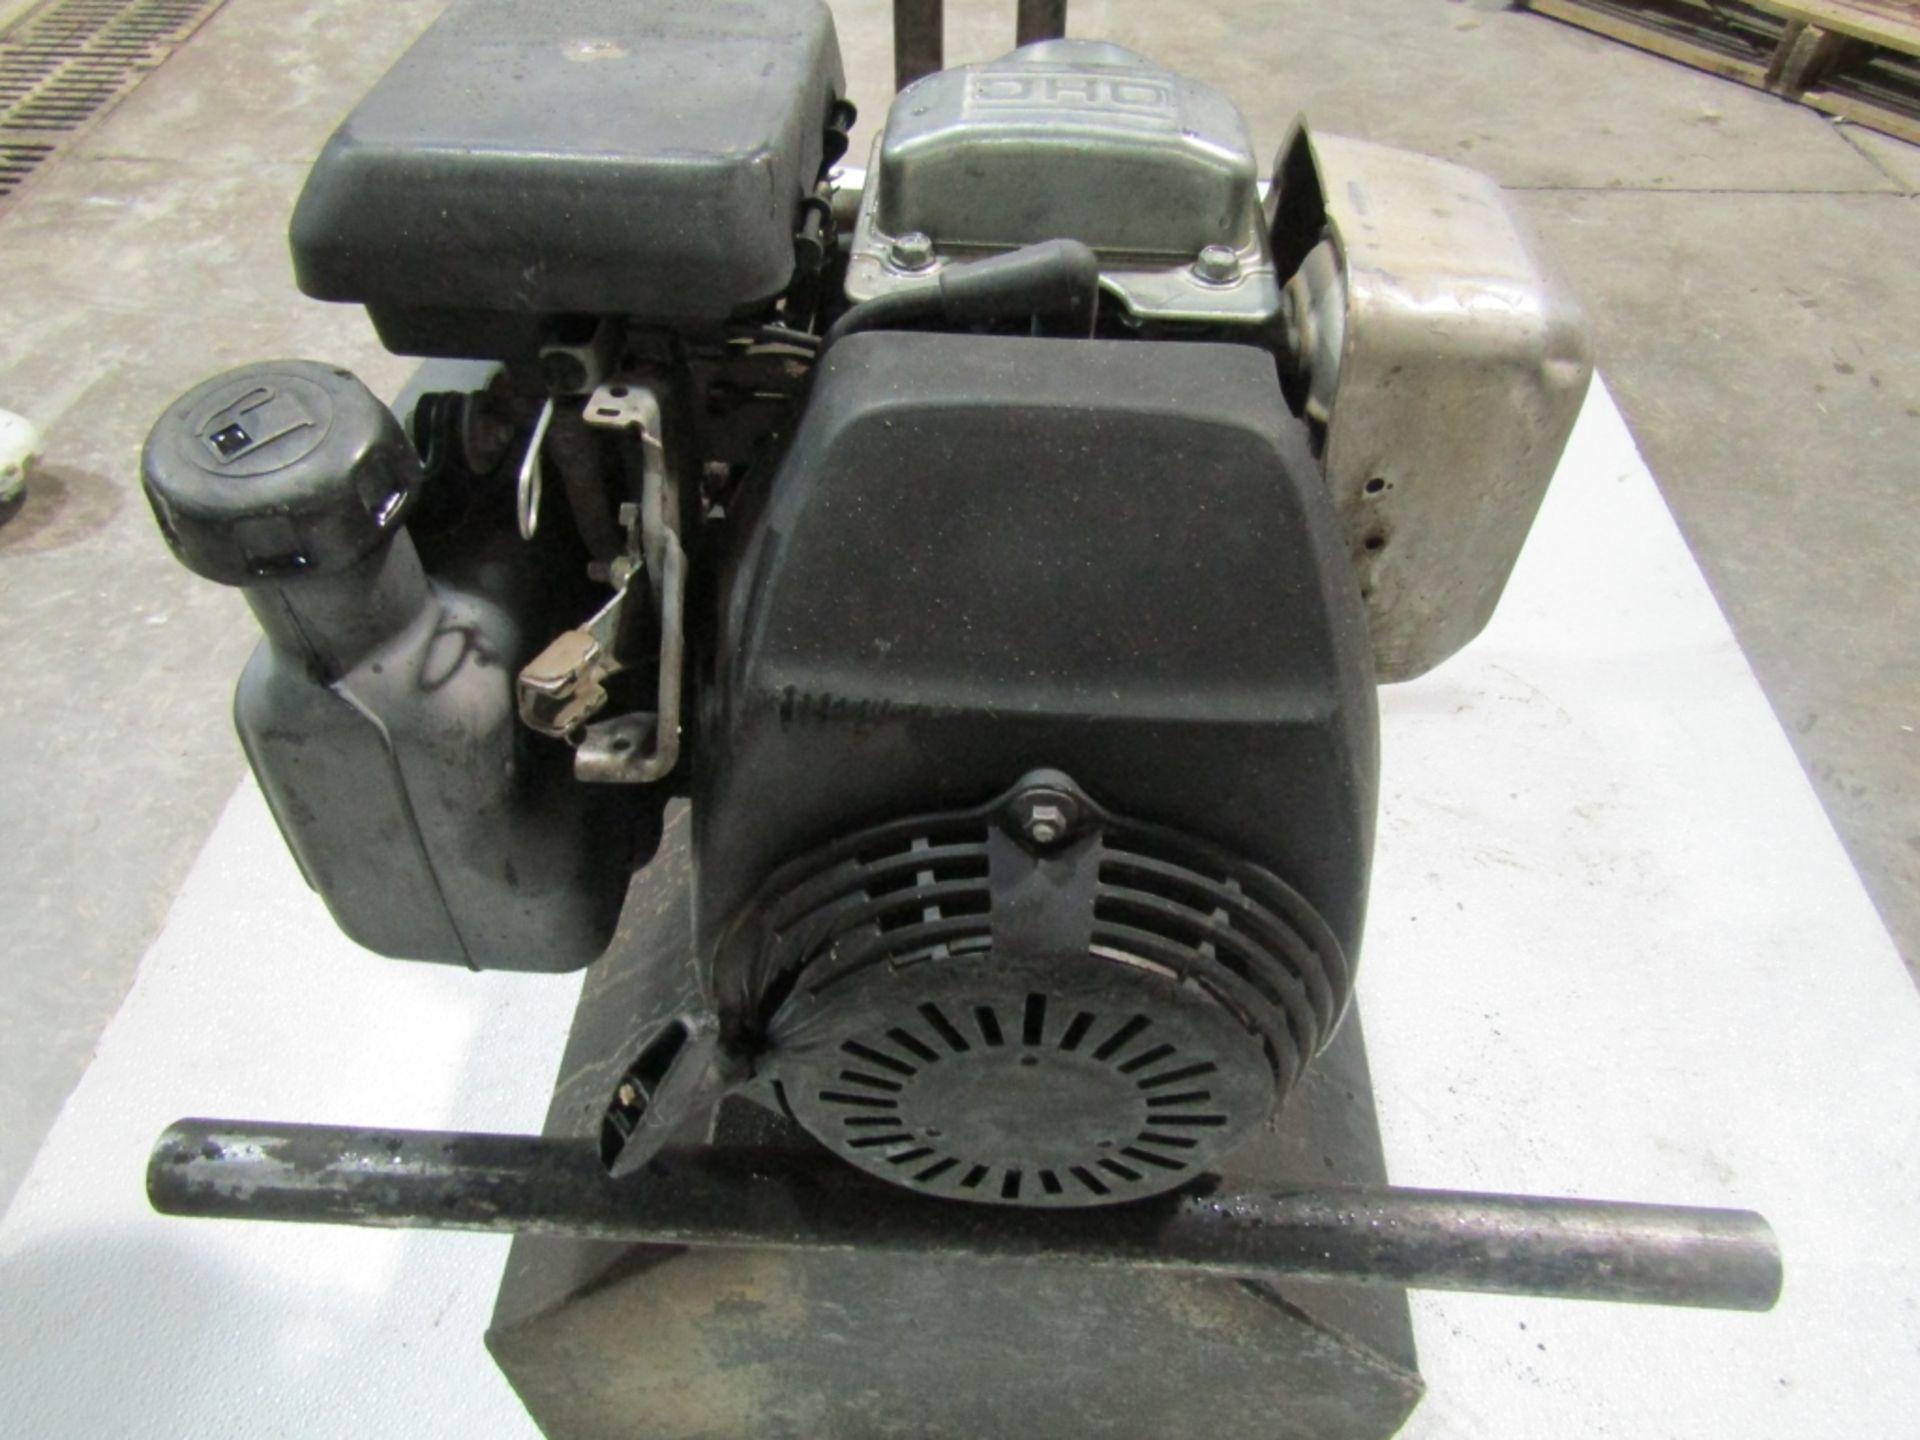 Lot 285 - Suntec Model J Form Oiler, Located in Winterset, IA